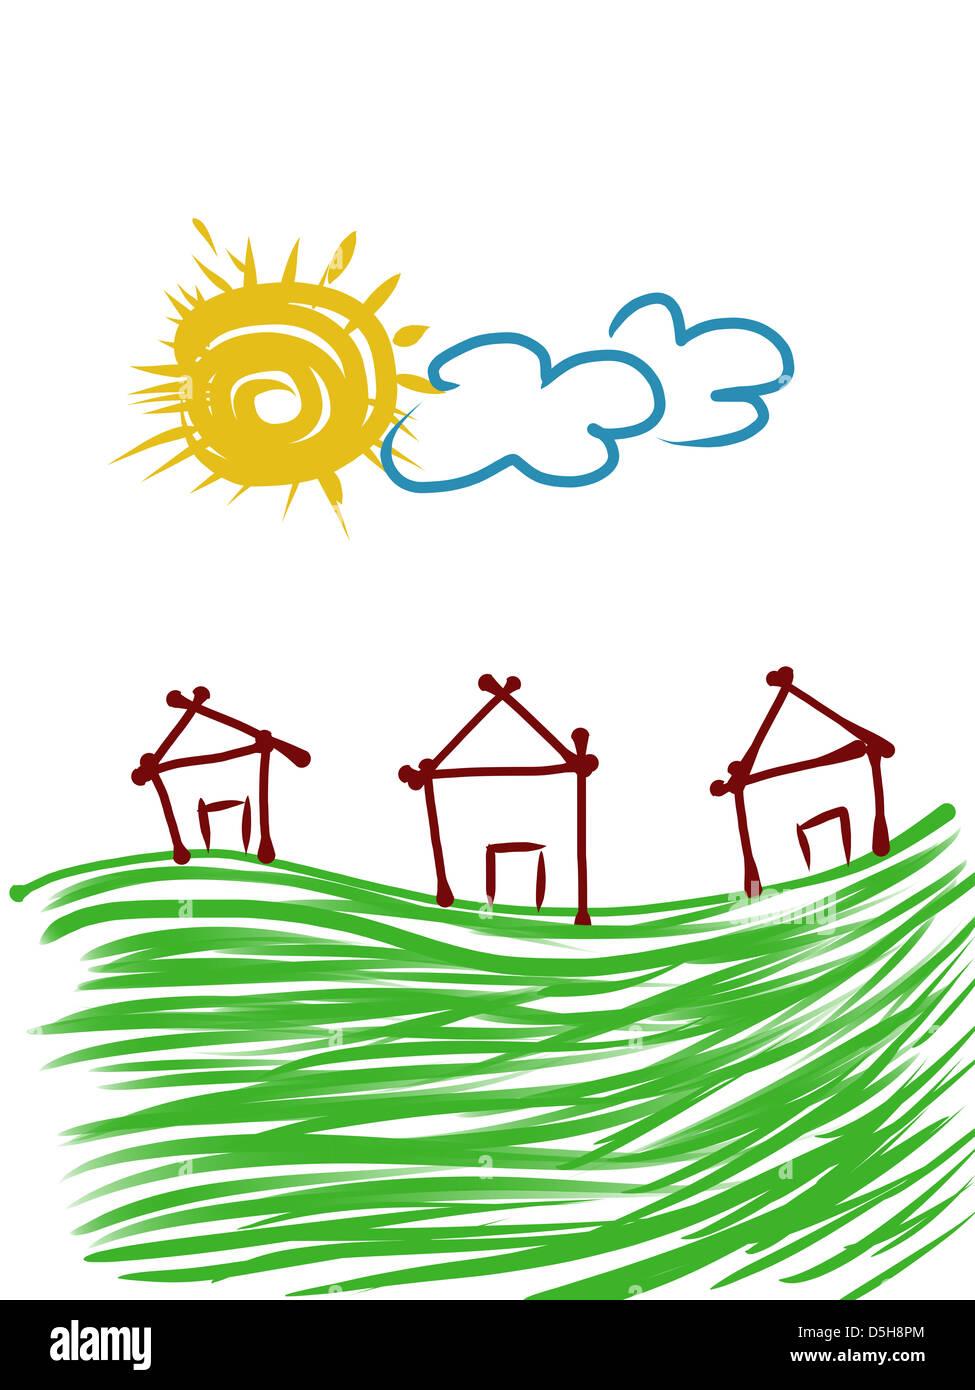 Kindliche Darstellung von Häusern und Sky Stockbild